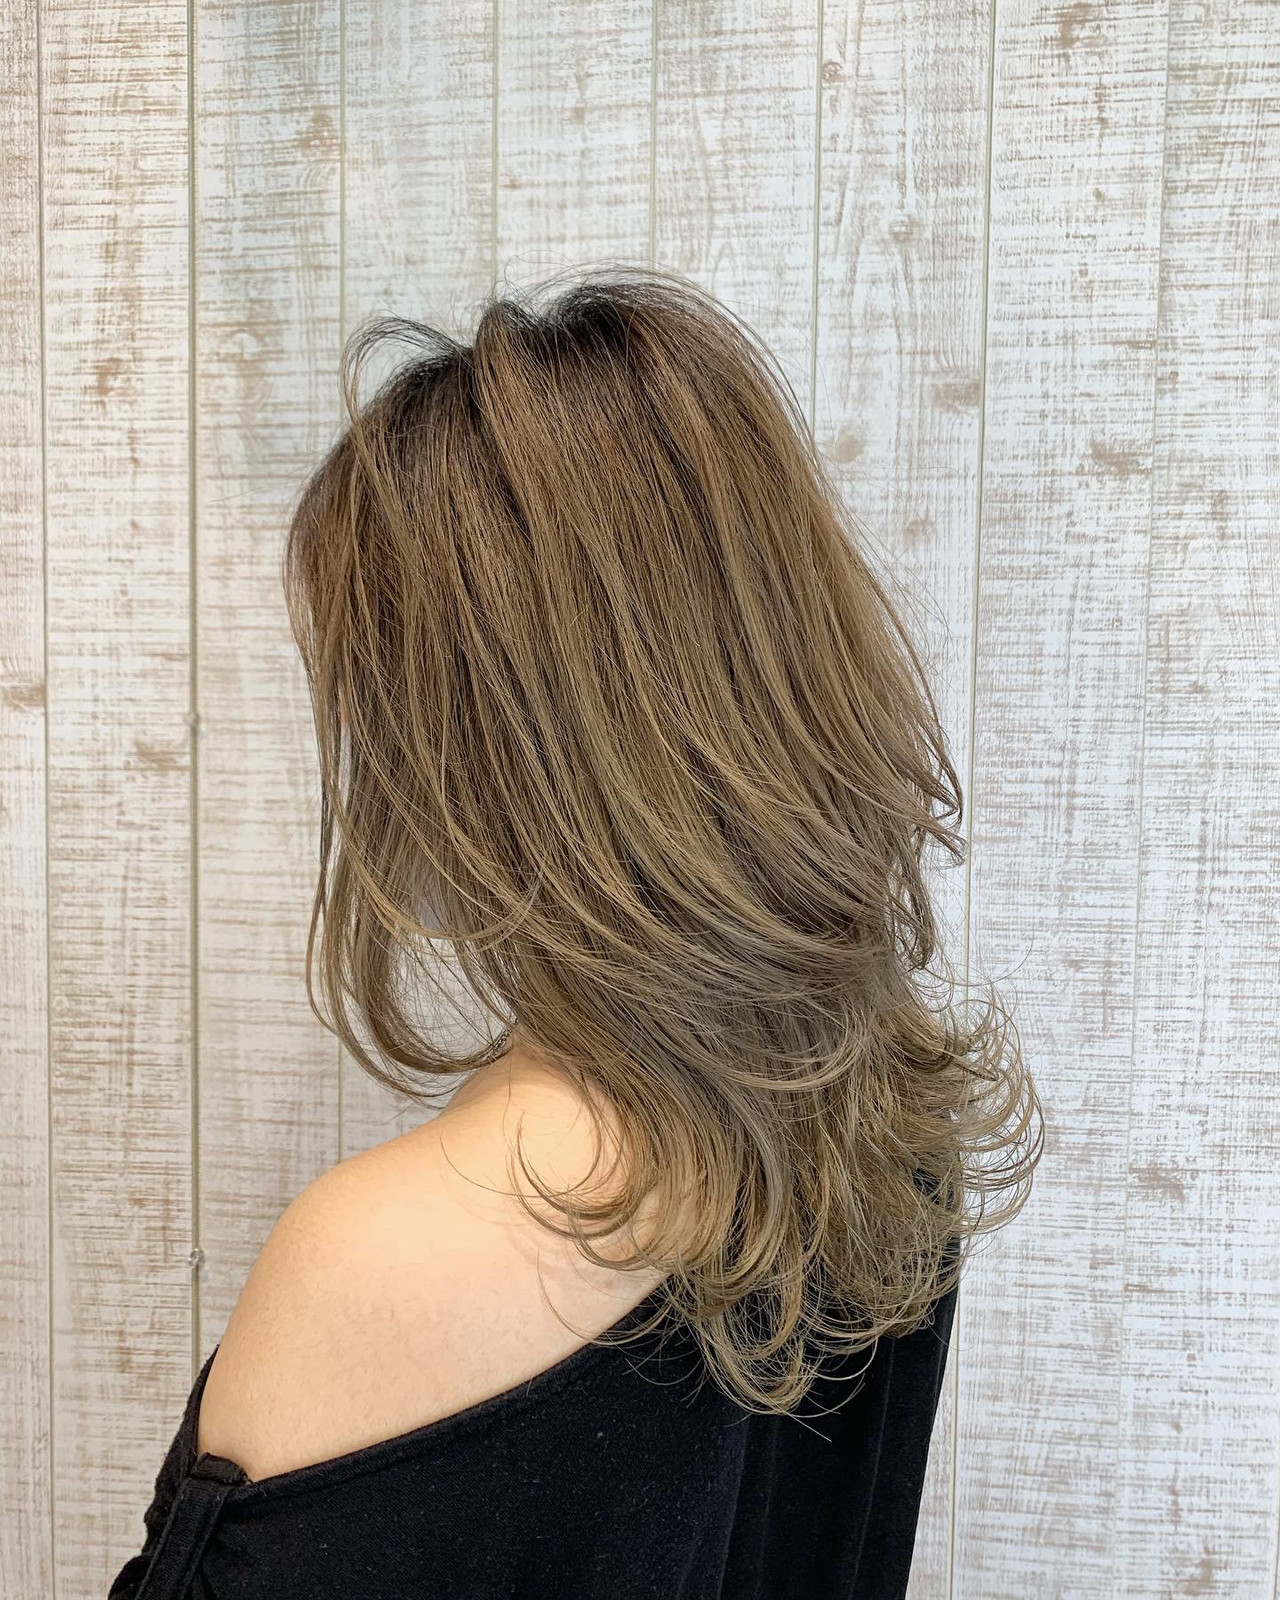 ミディアム 大人可愛い ナチュラル ウルフ女子 ヘアスタイルや髪型の写真・画像